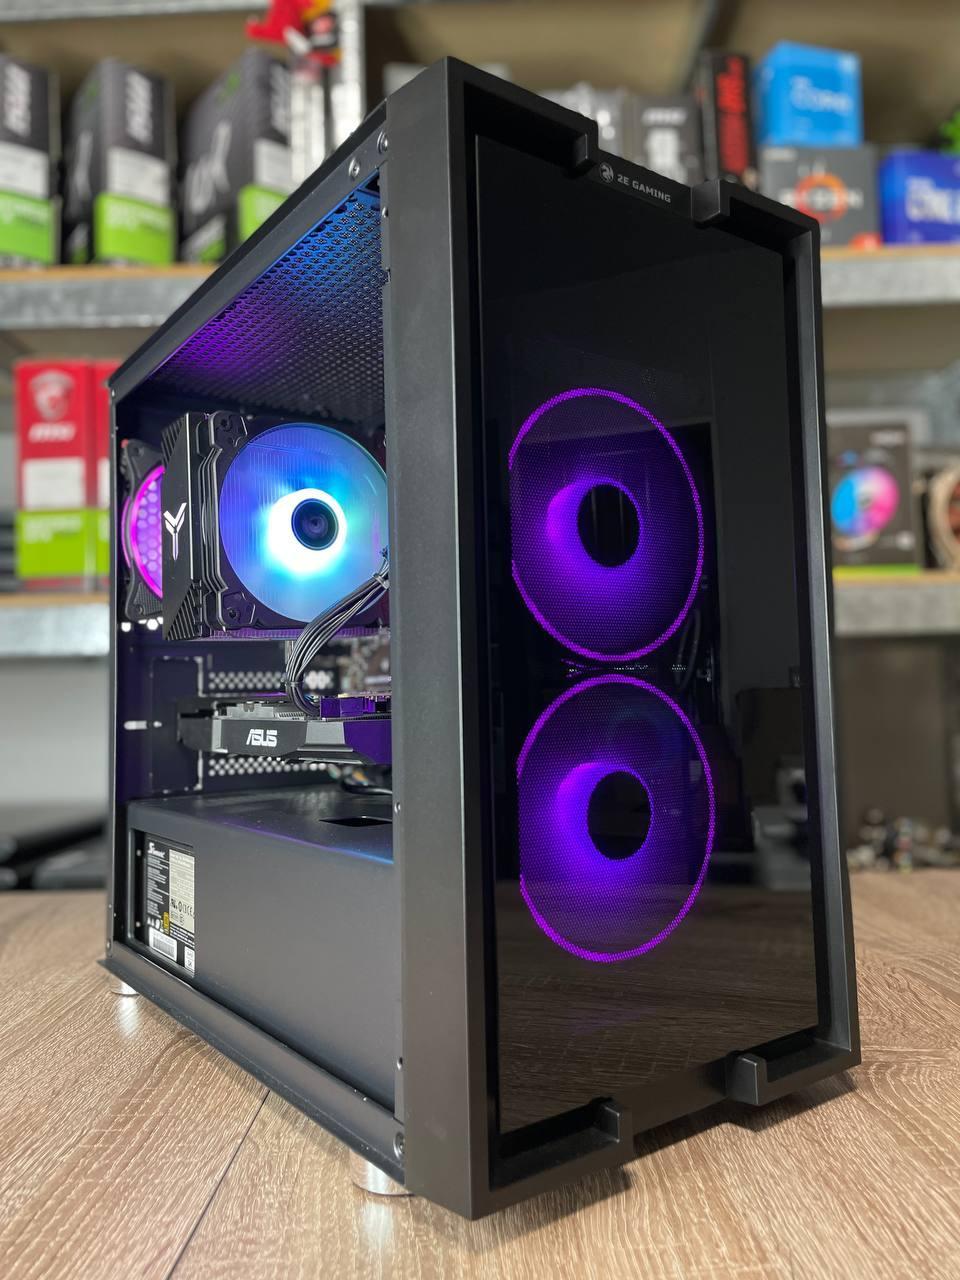 Компьютер игровой 2Egaming Clarus ryzen 7 1700 16GB SSD 240 HDD 1000GB RX580 4GB